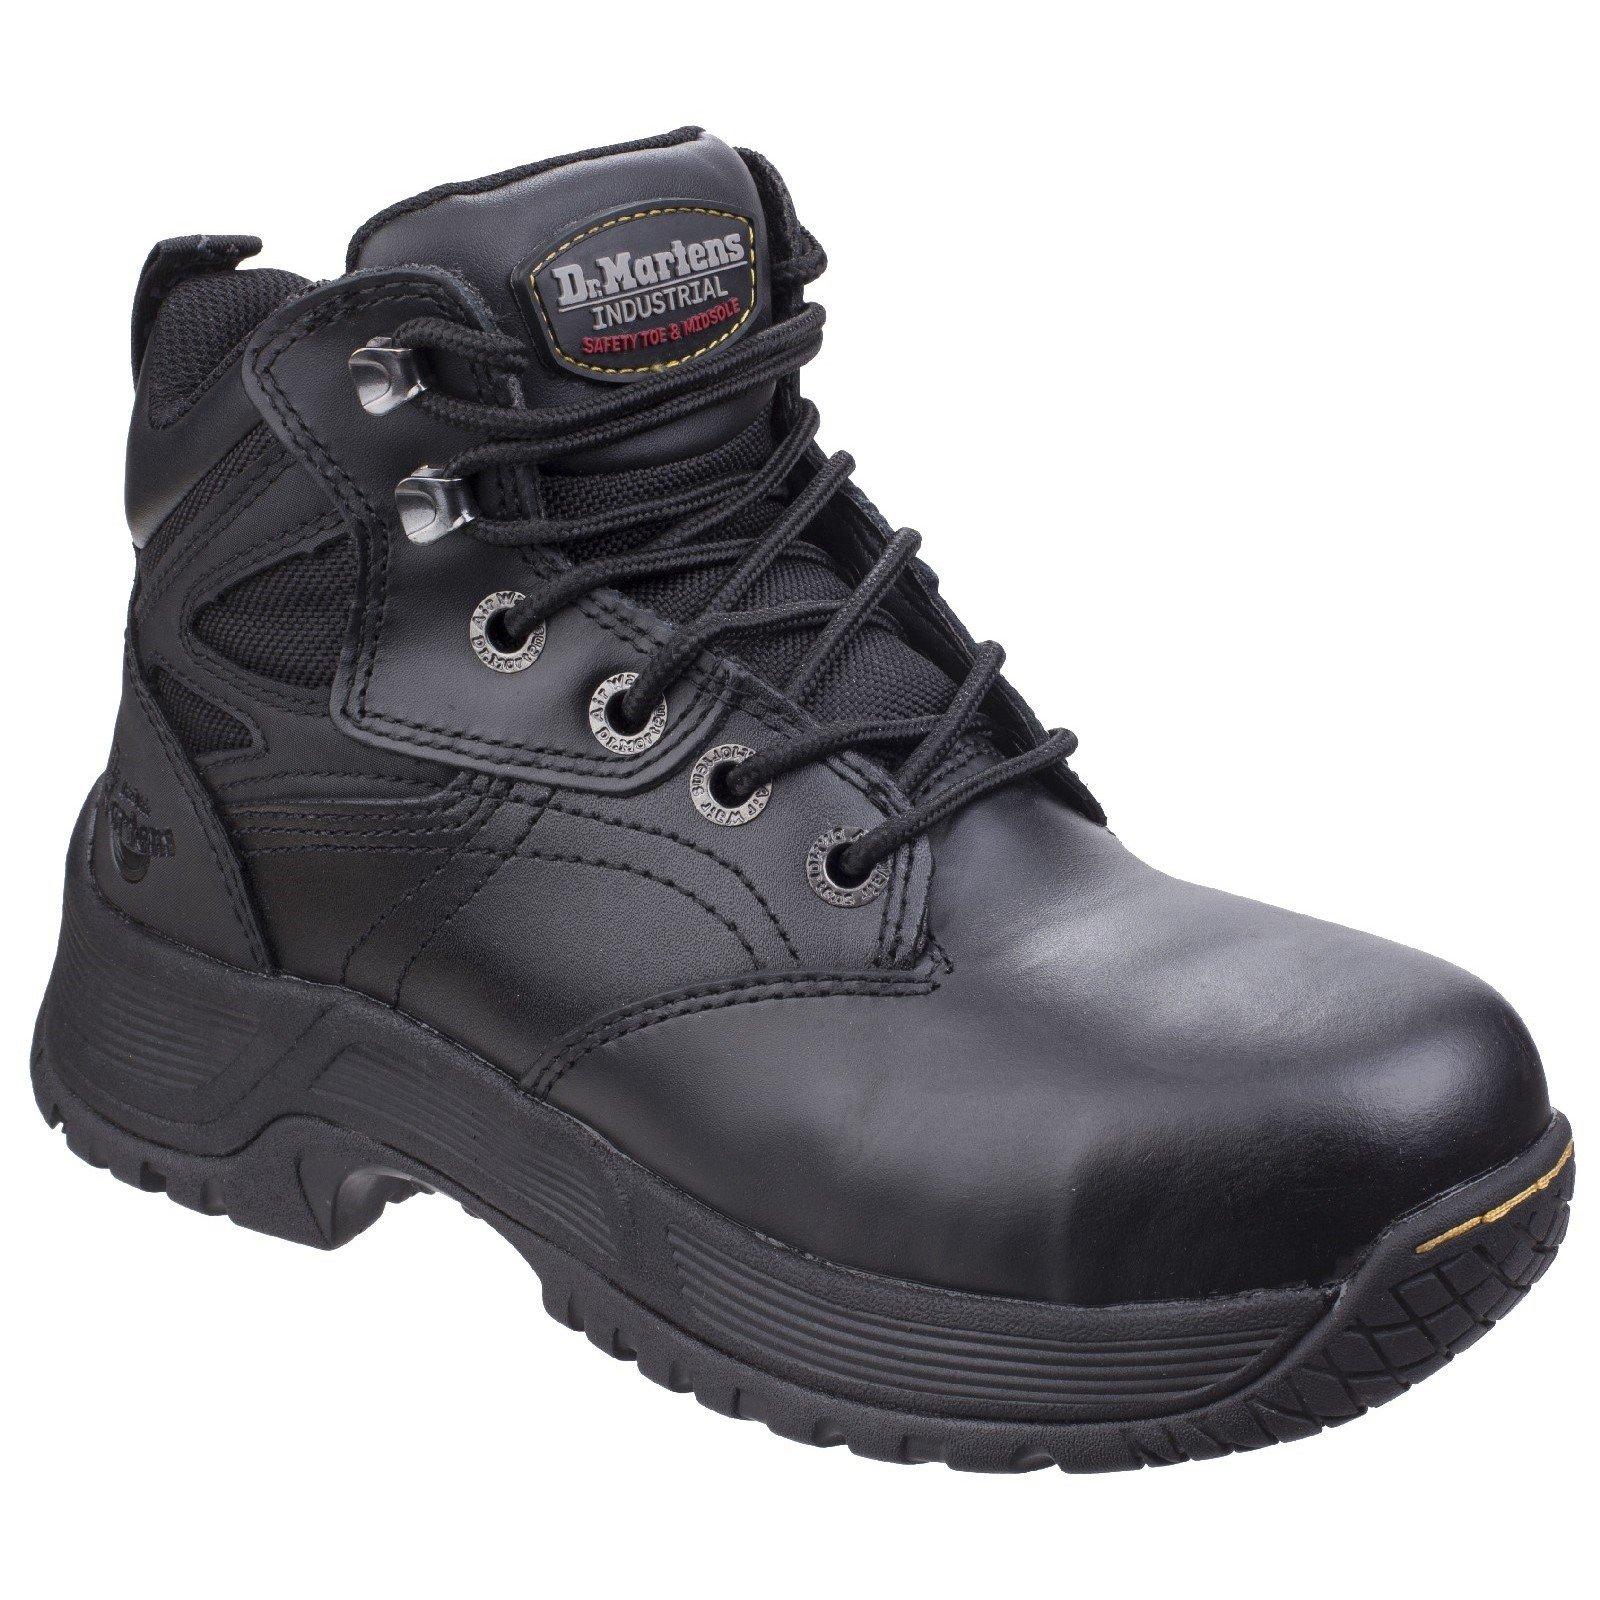 Dr Martens Men's Torness Safety Boot Black 26020 - Black 3